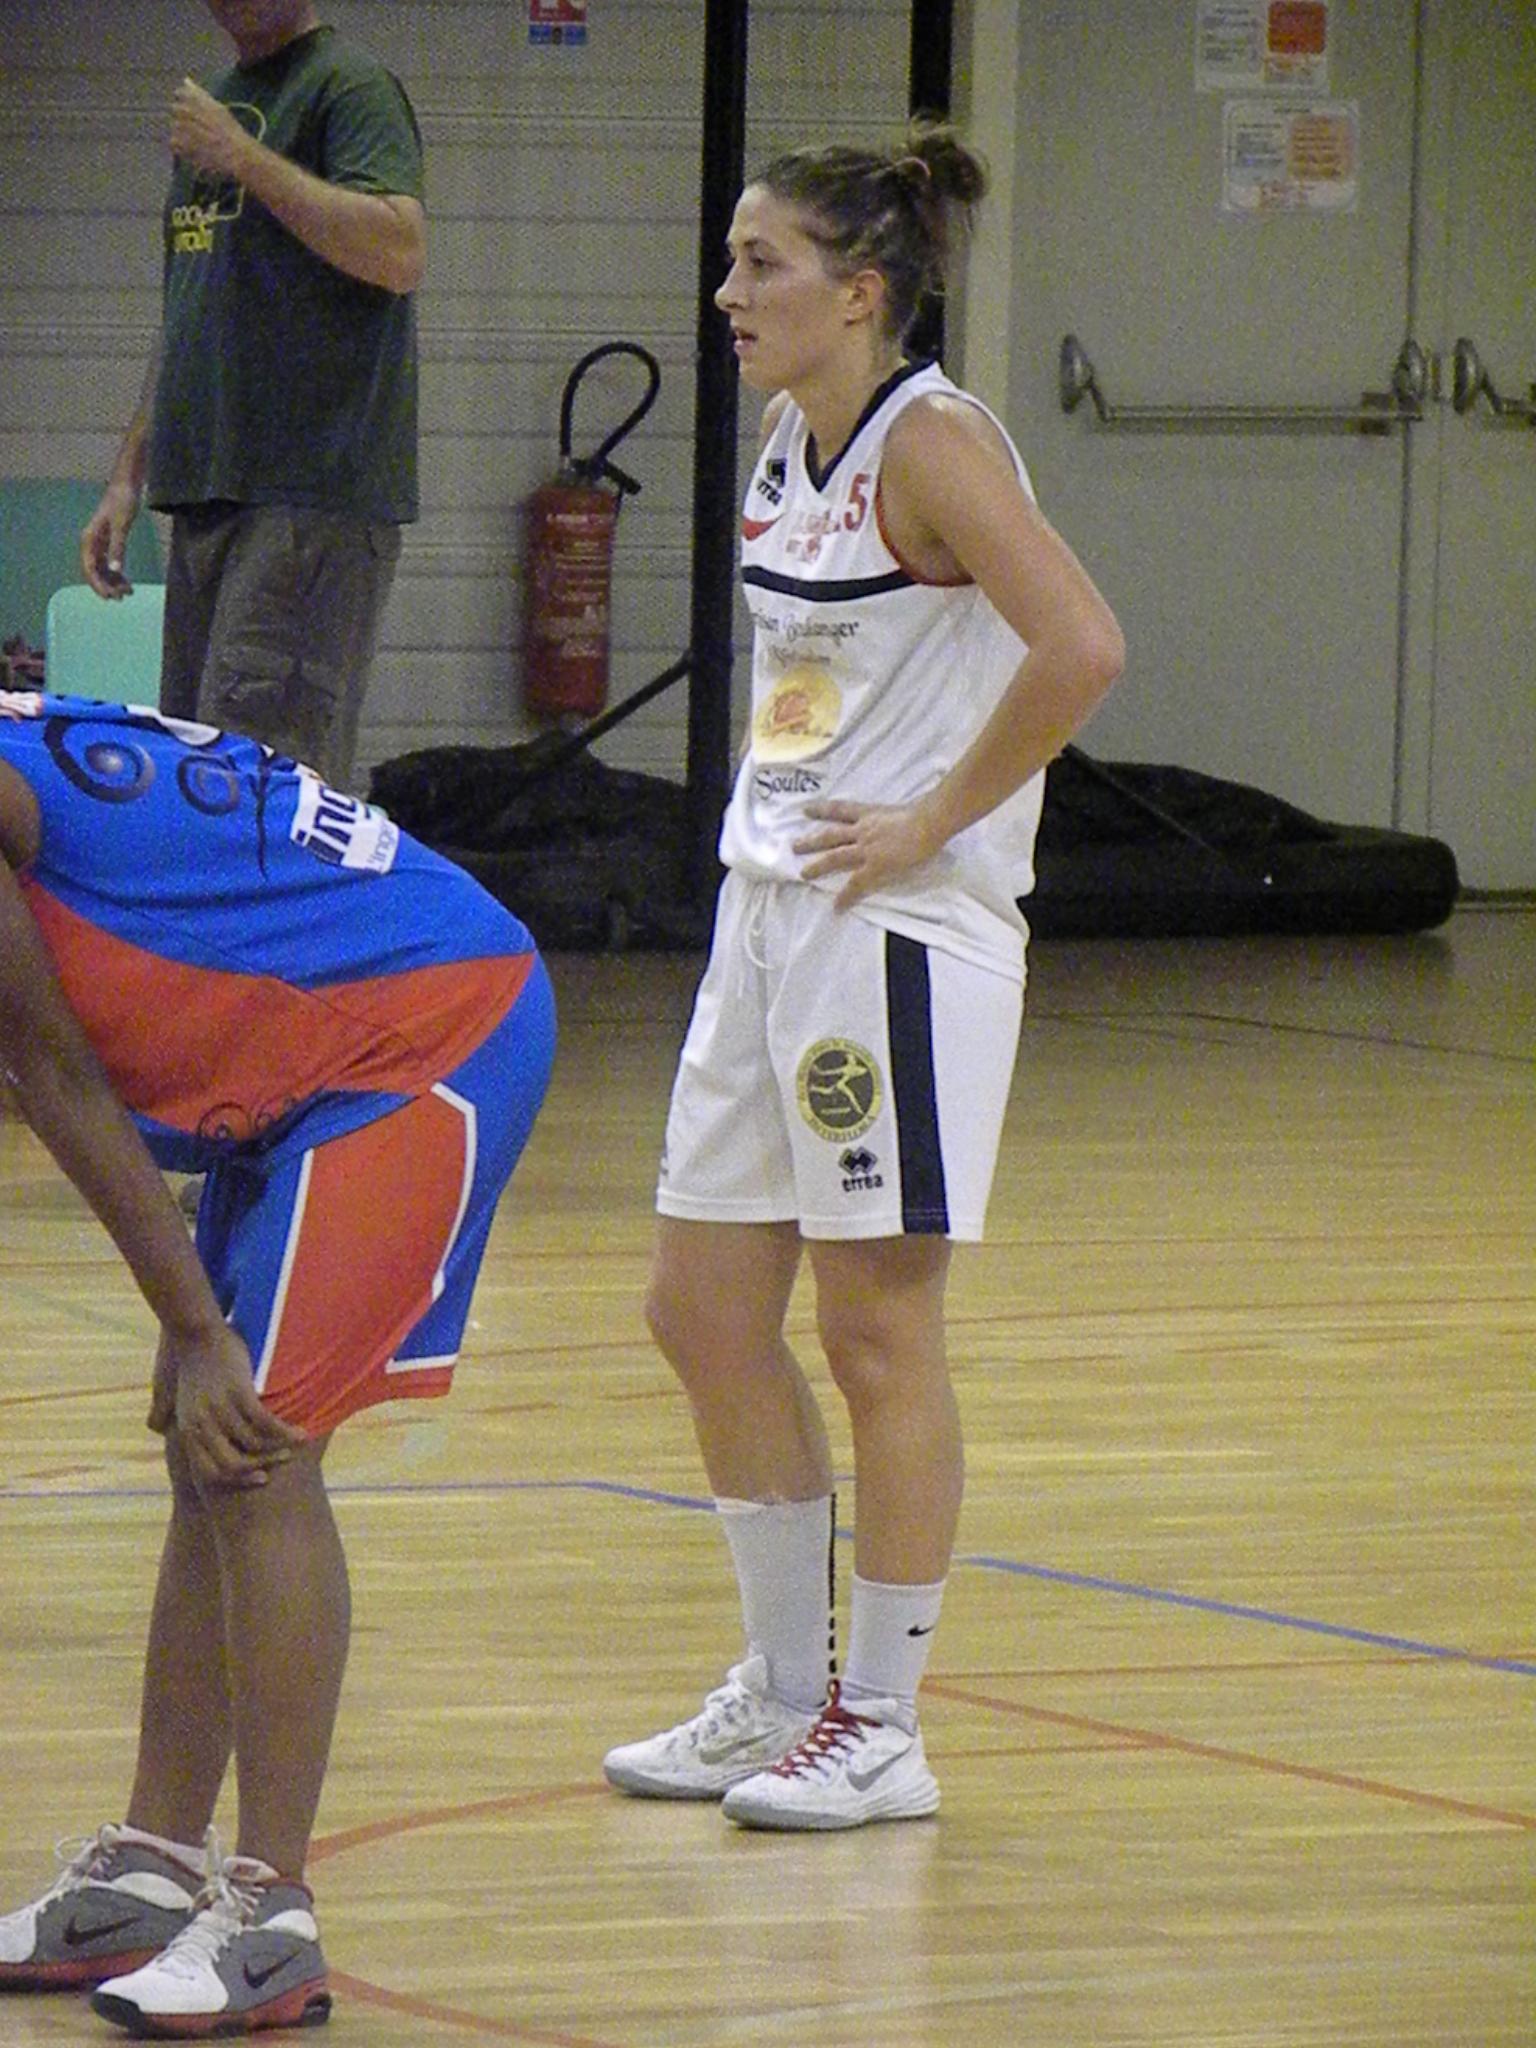 Leslie Héraud a fourni un match de qualité face à l'UVBN (photo : Benjamin Bonneau)